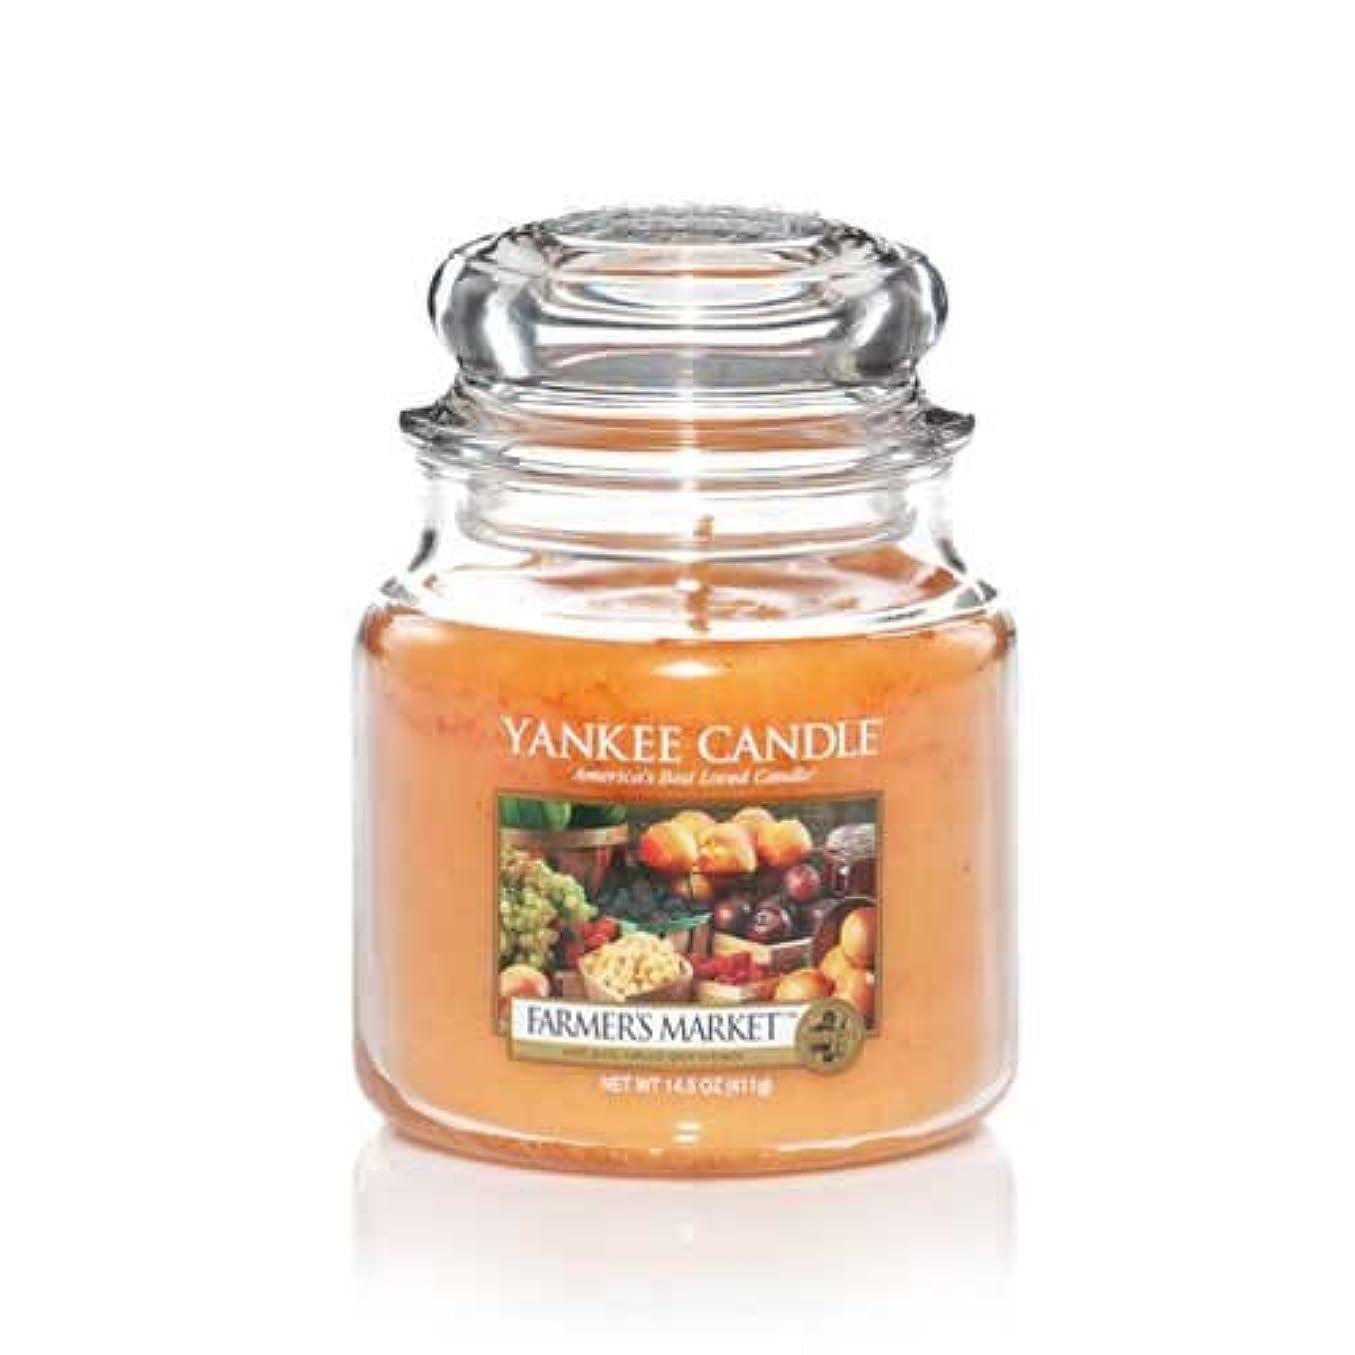 仲良し一致クランプYankee Candle Farmer 's Market Medium Jar Candle, Food & Spice香り